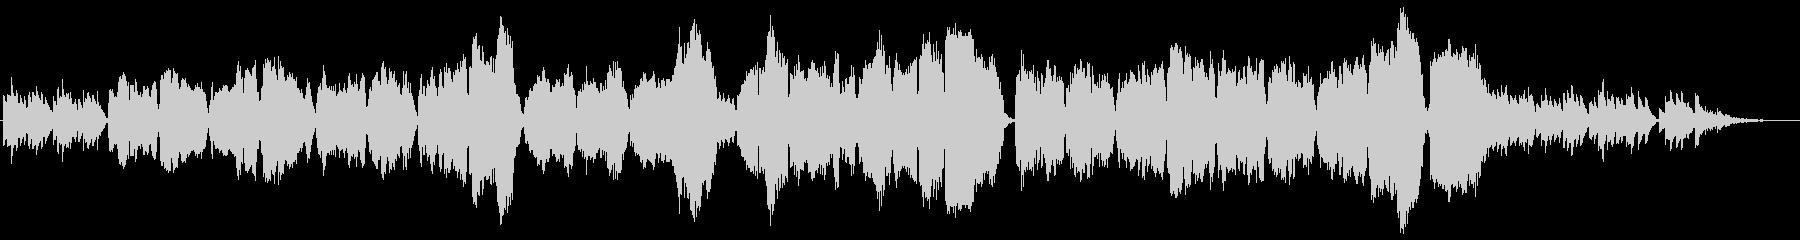 琴と尺八によるバラードの未再生の波形